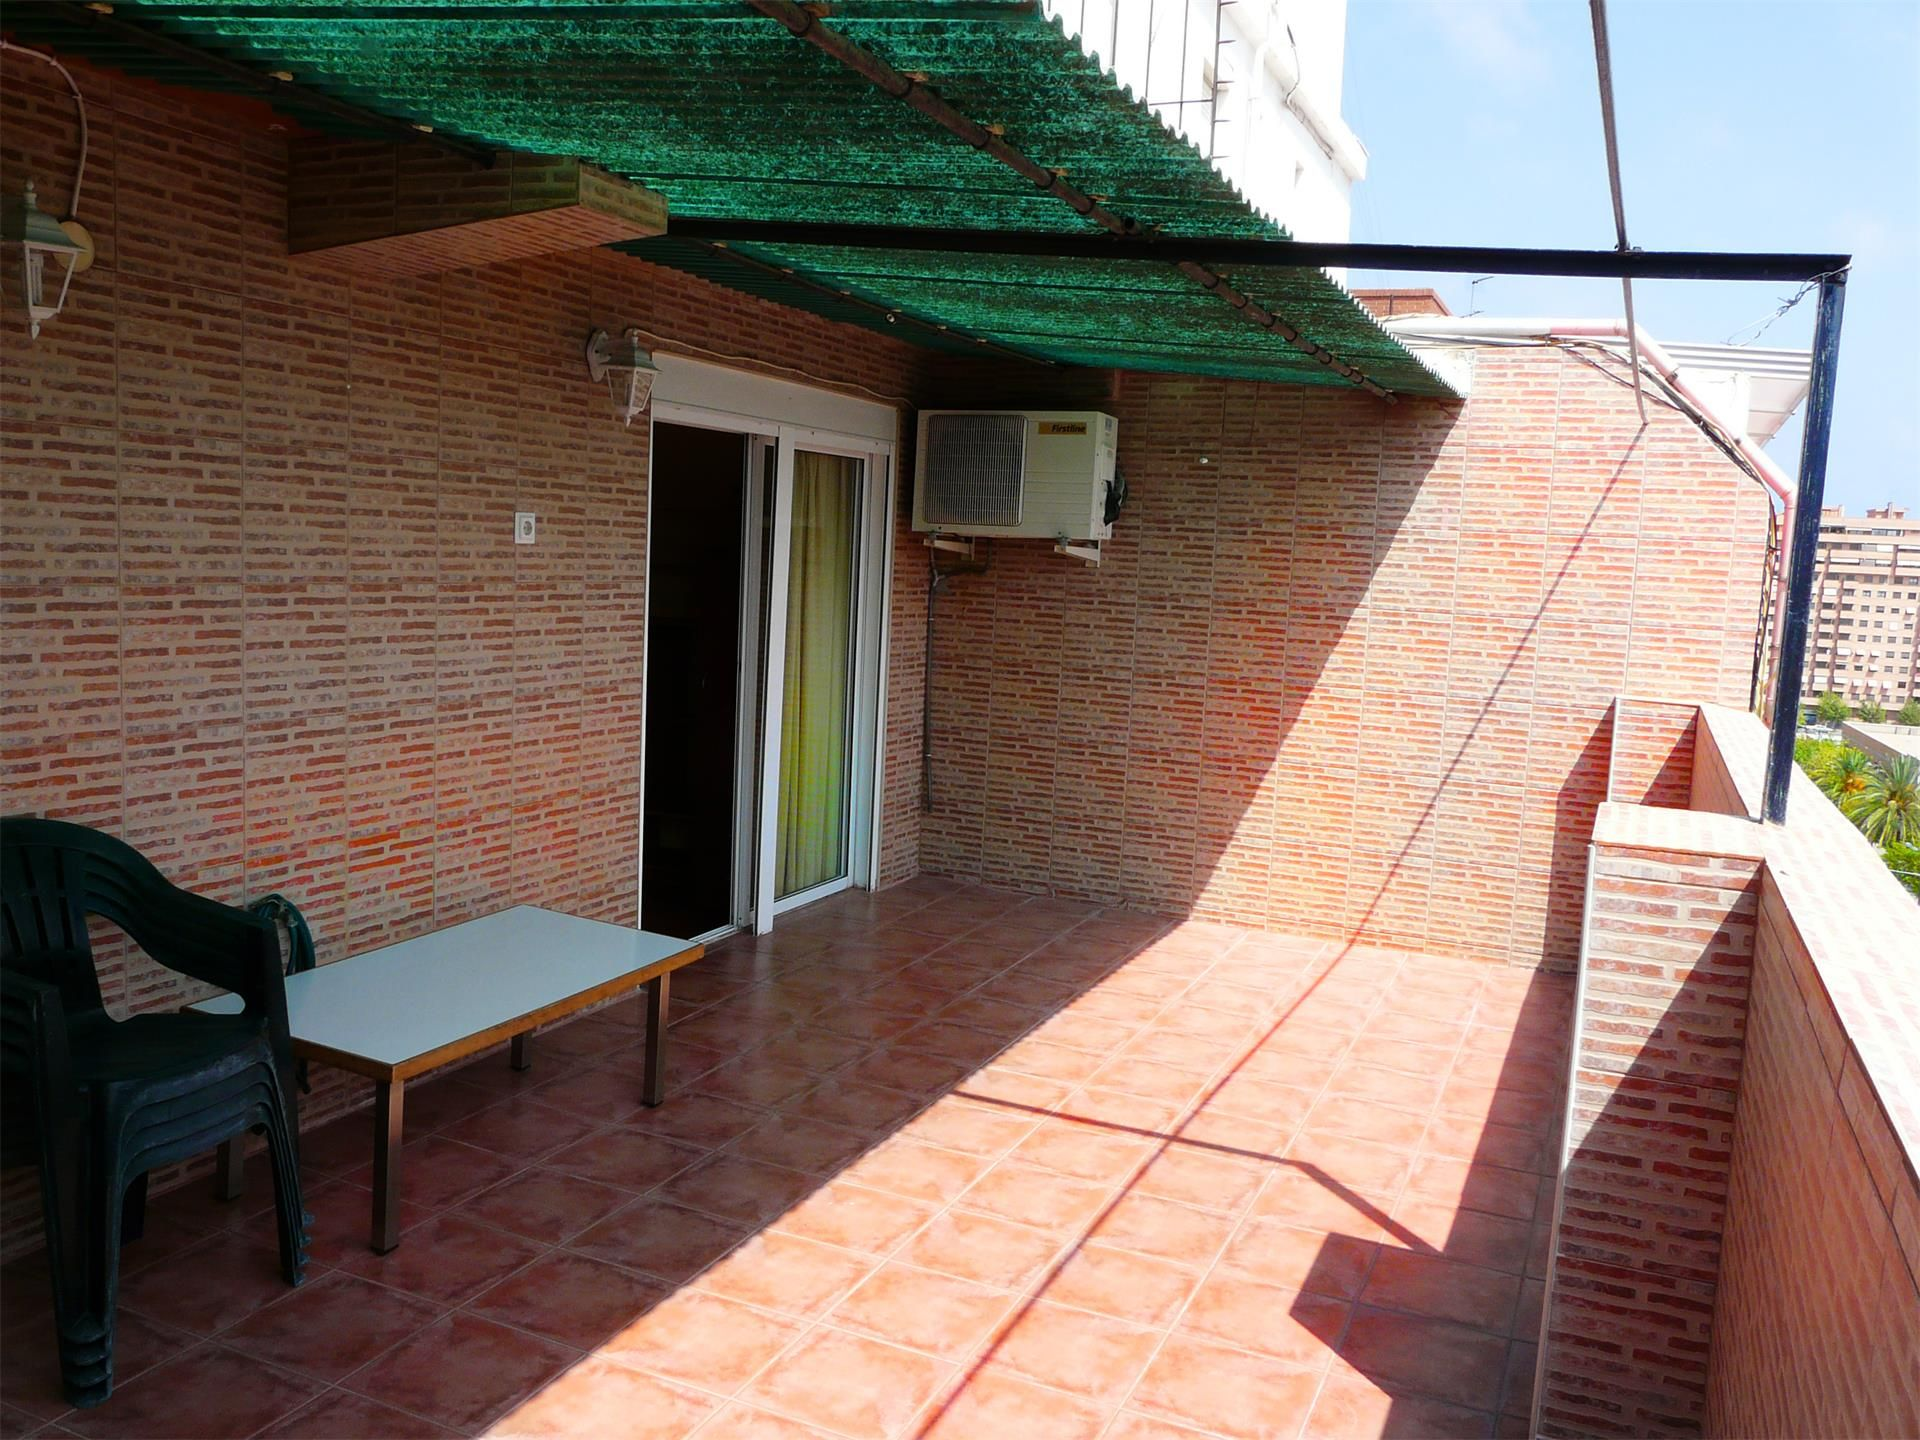 Ático de alquiler en Avenida de Baleares, 39, Penya - Roja - Avda. Francia (Viana de Cega, Valladolid)